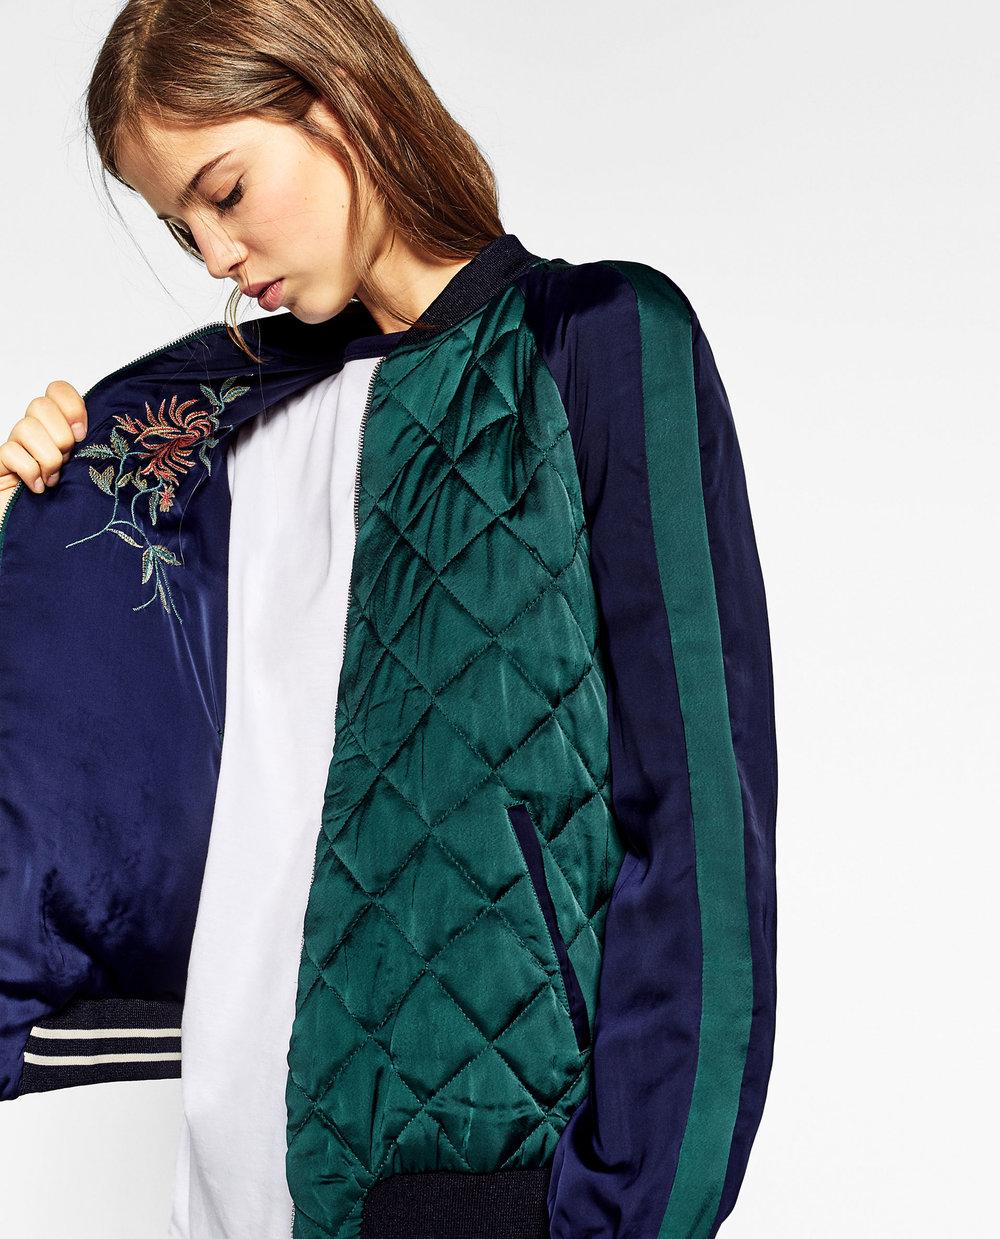 Zara - $99